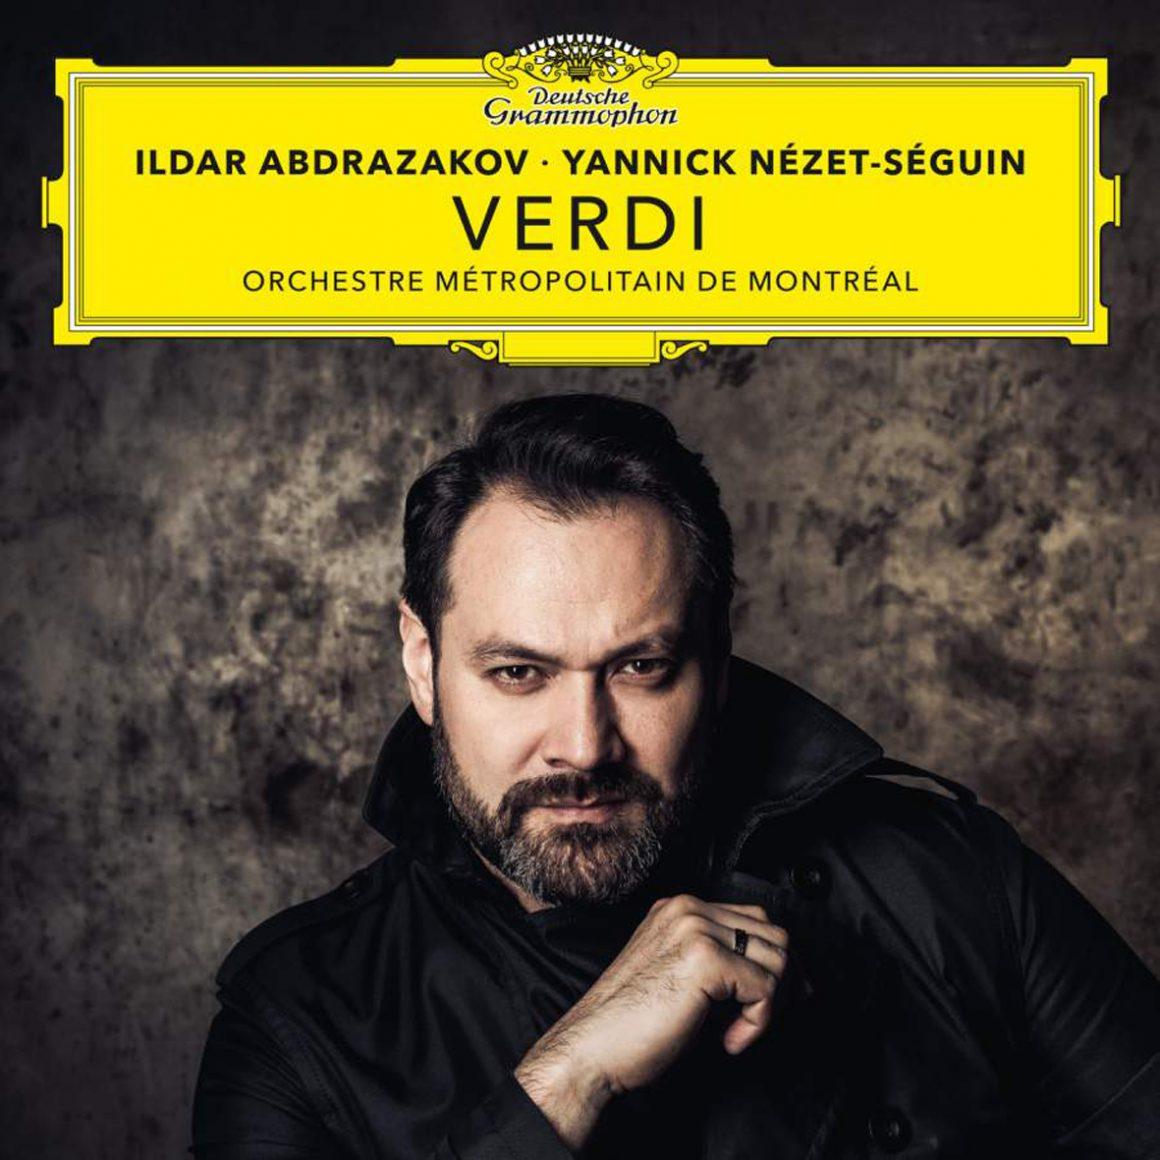 Ildar Abdrazakov – Verdi